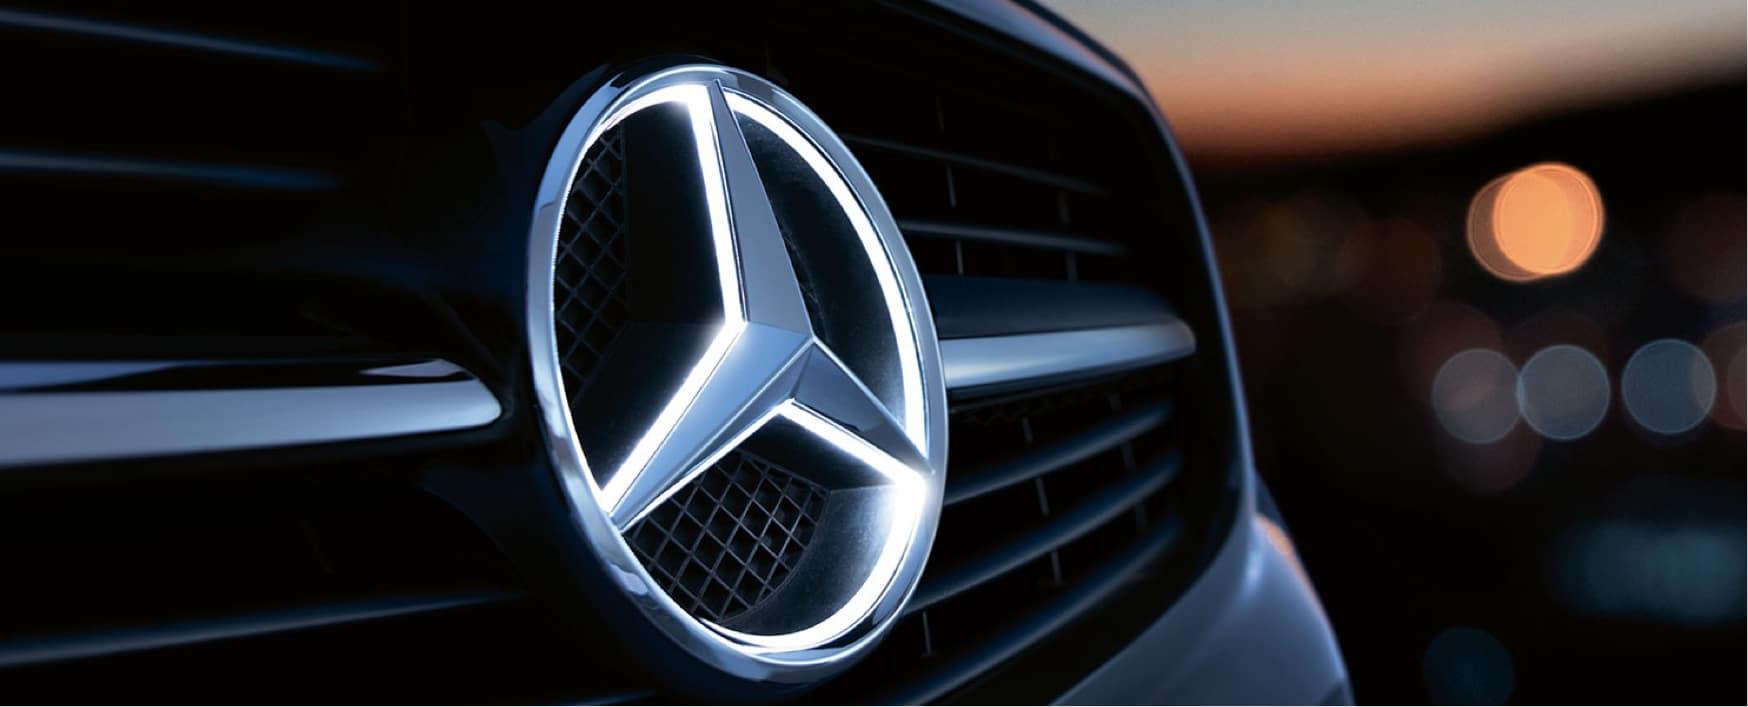 Mercedes-Benz Parts & Accessories